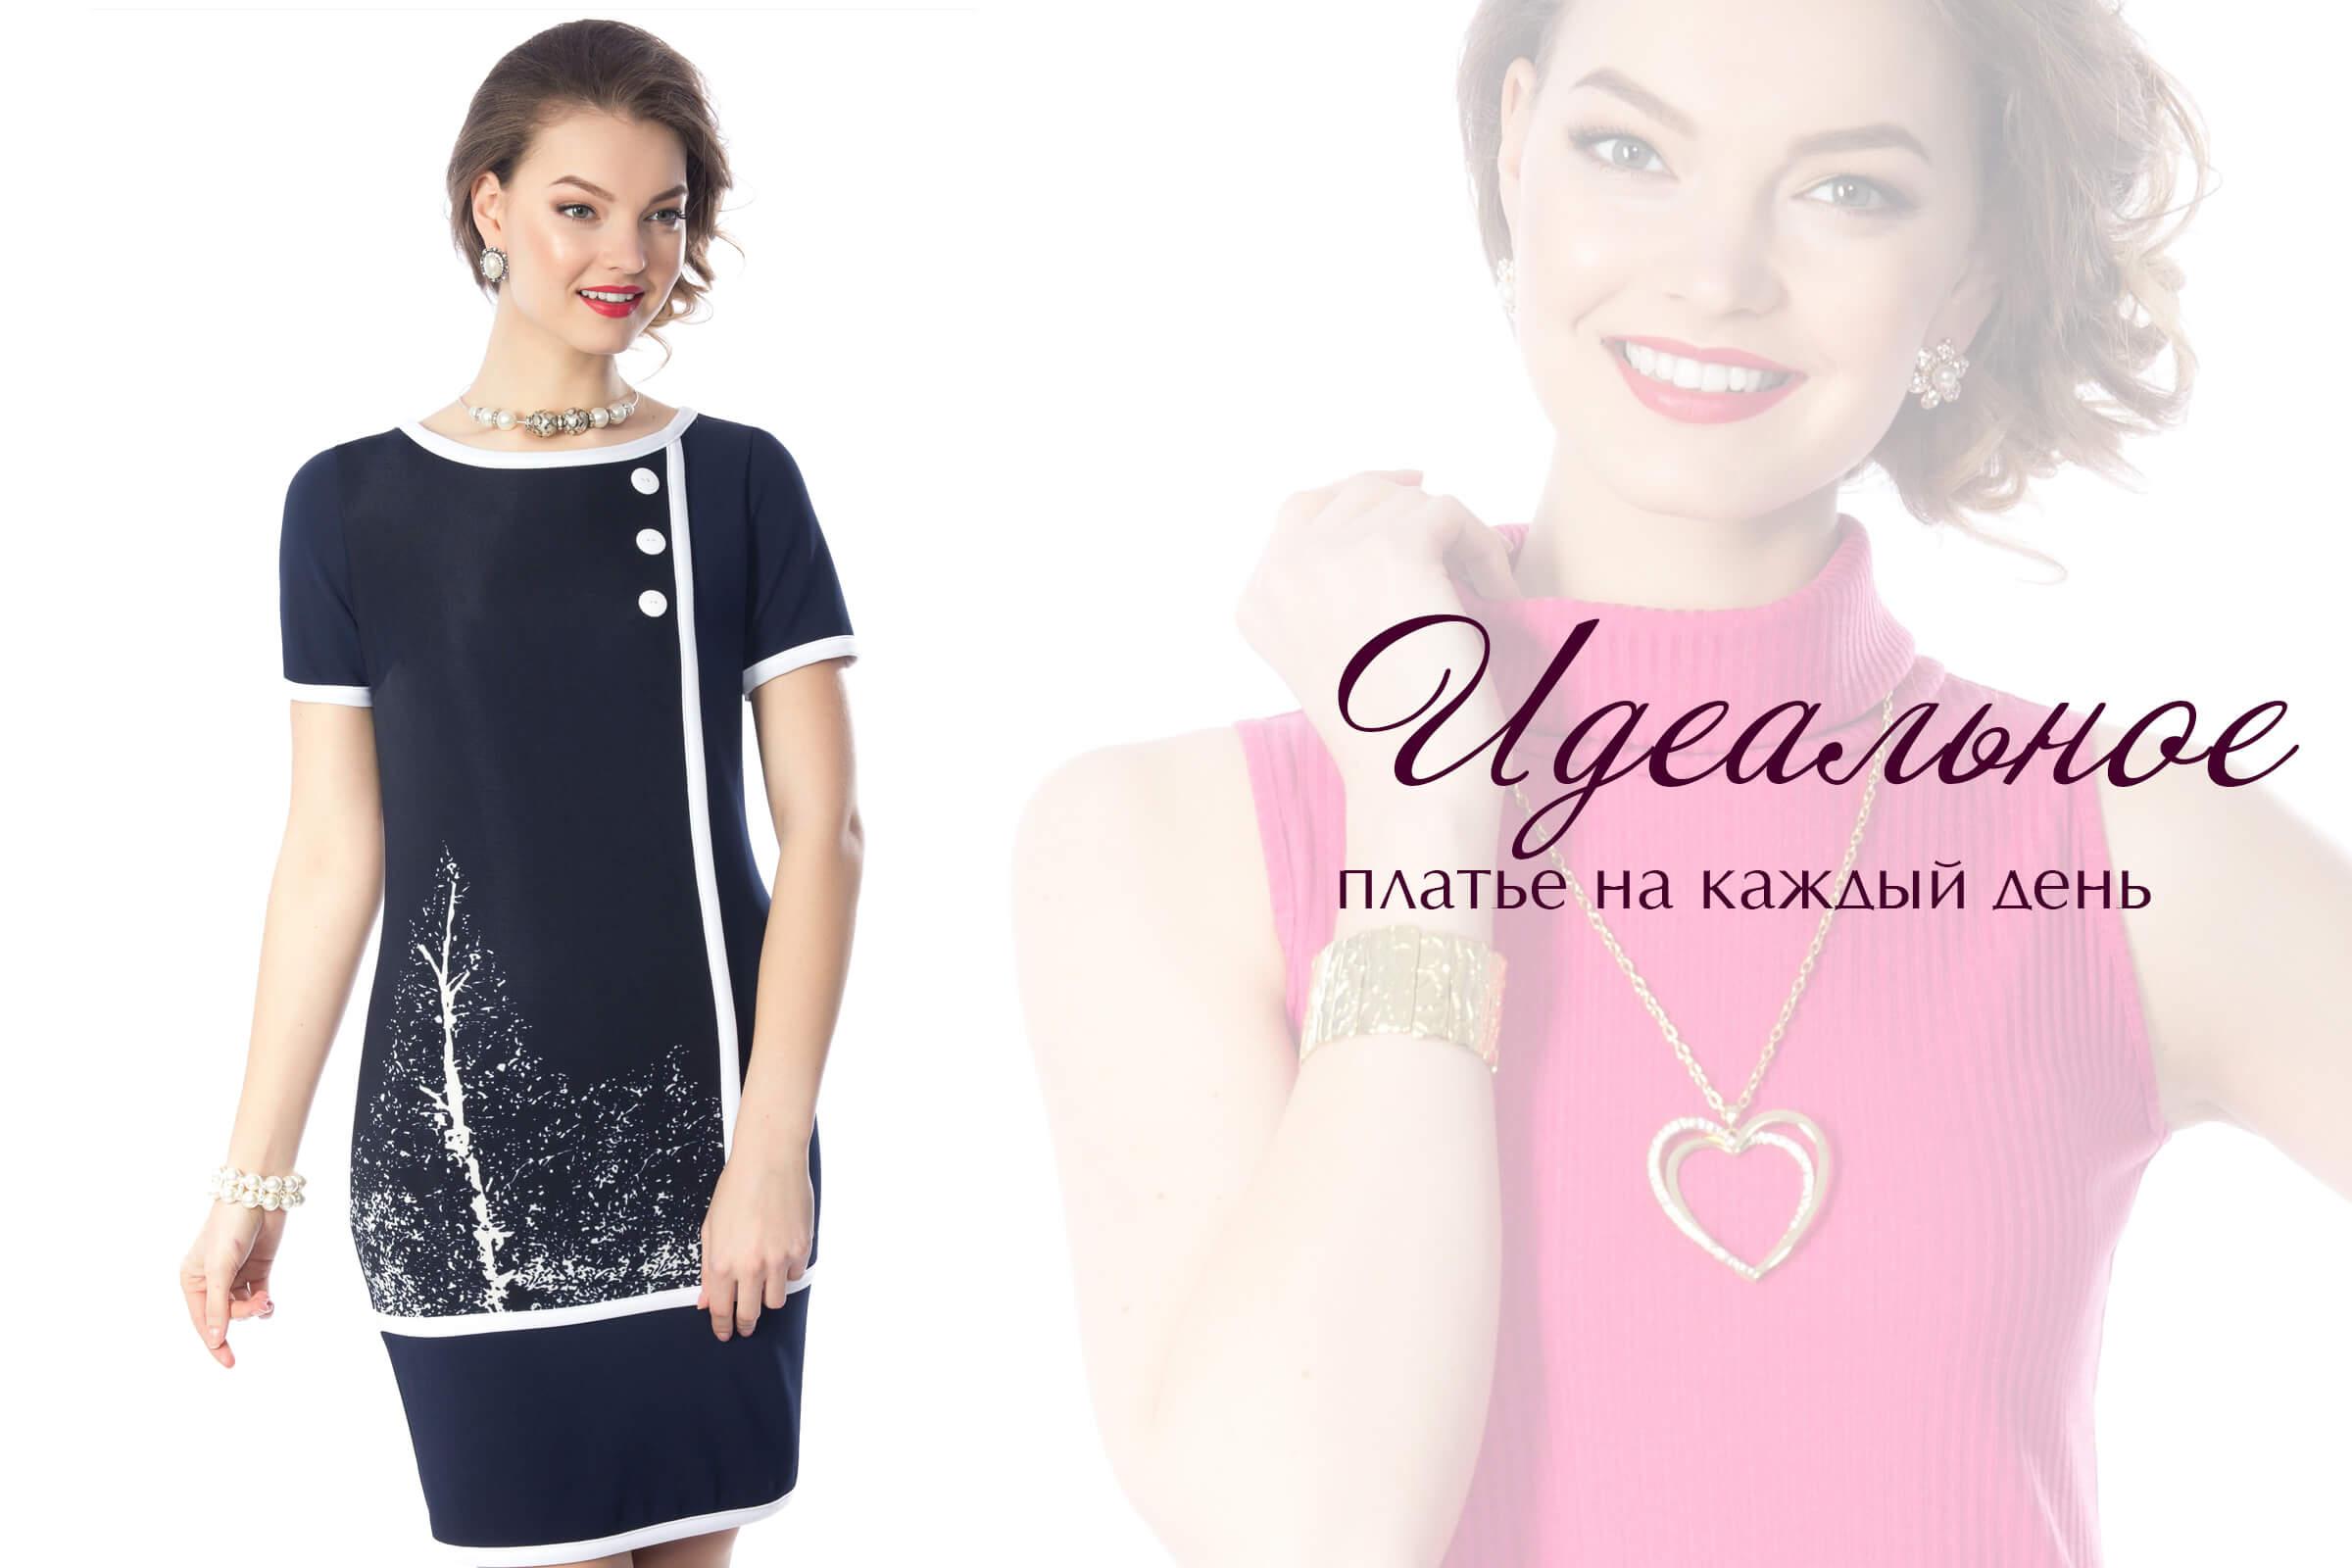 1dbe185c4625 Прямые оптовые продажи женской одежды поставщикам в России от ...